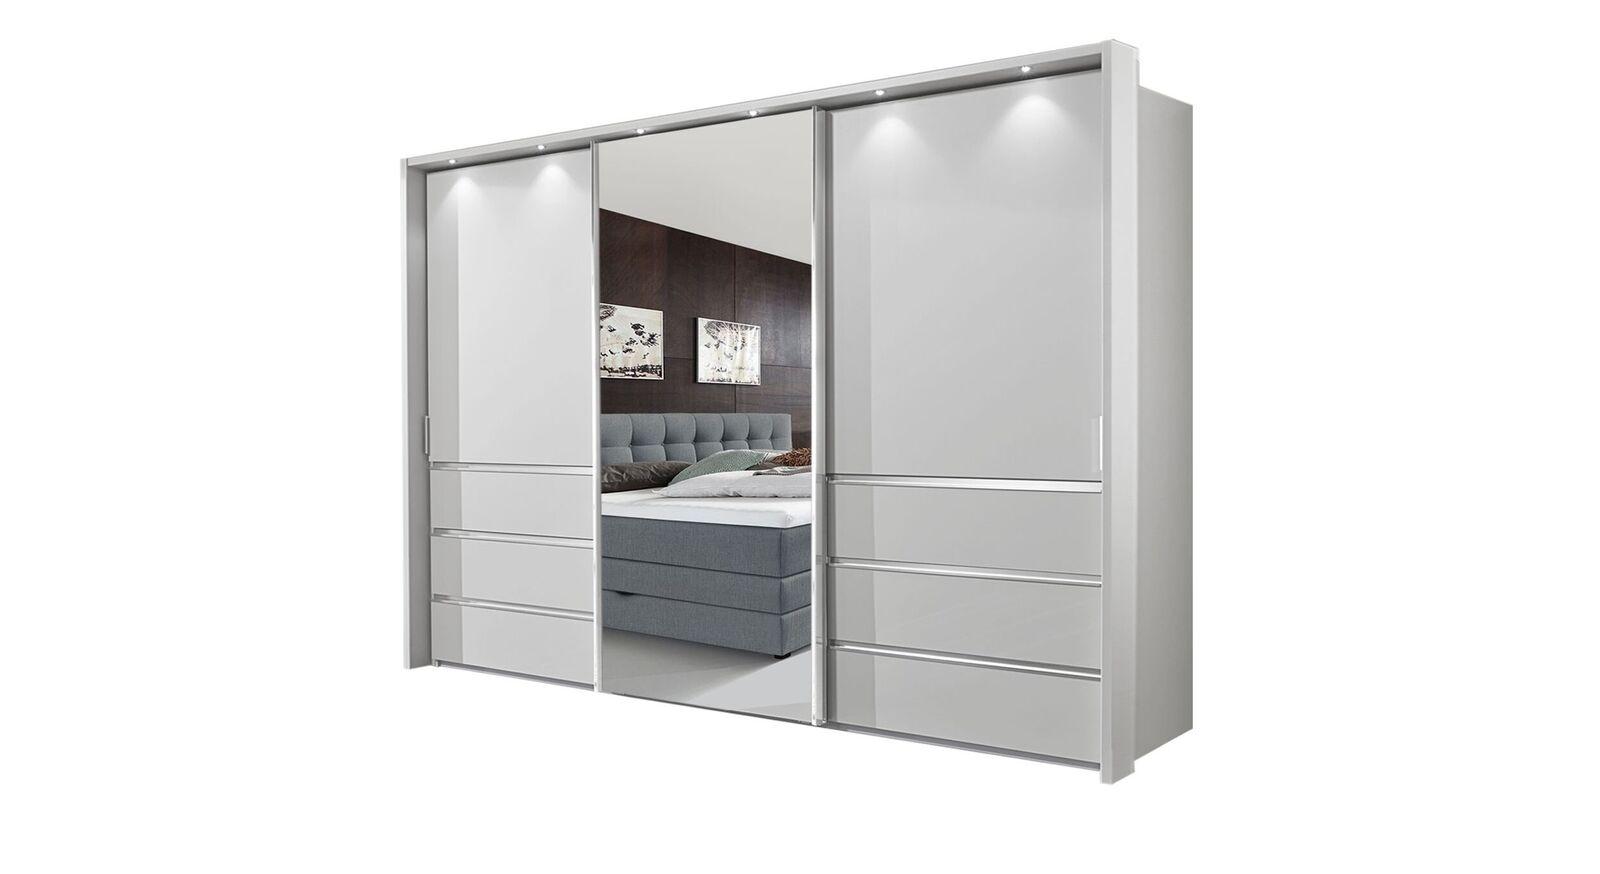 Spiegel-Schwebetüren-Kleiderschrank Tanaria in 300 cm Breite